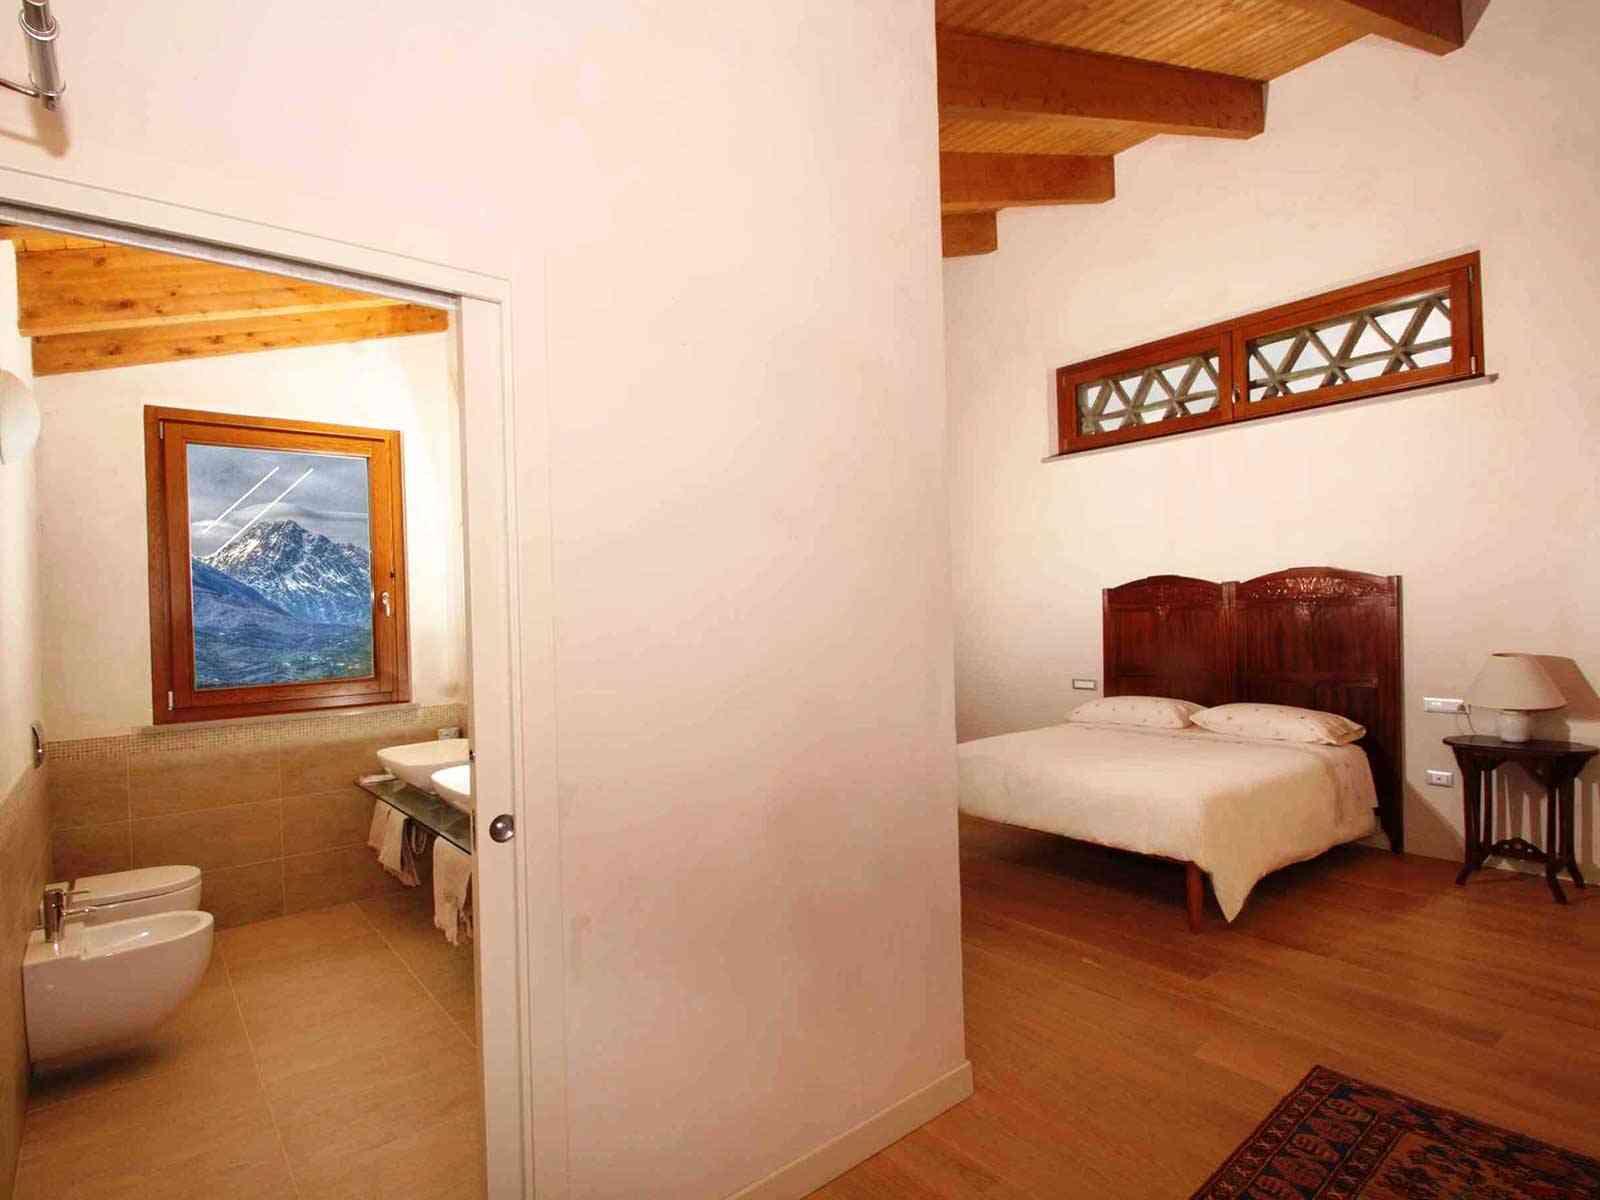 Casa di campagna Casa di campagna in vendita Penne (PE), Casa Cignale - Penne - EUR 0 90